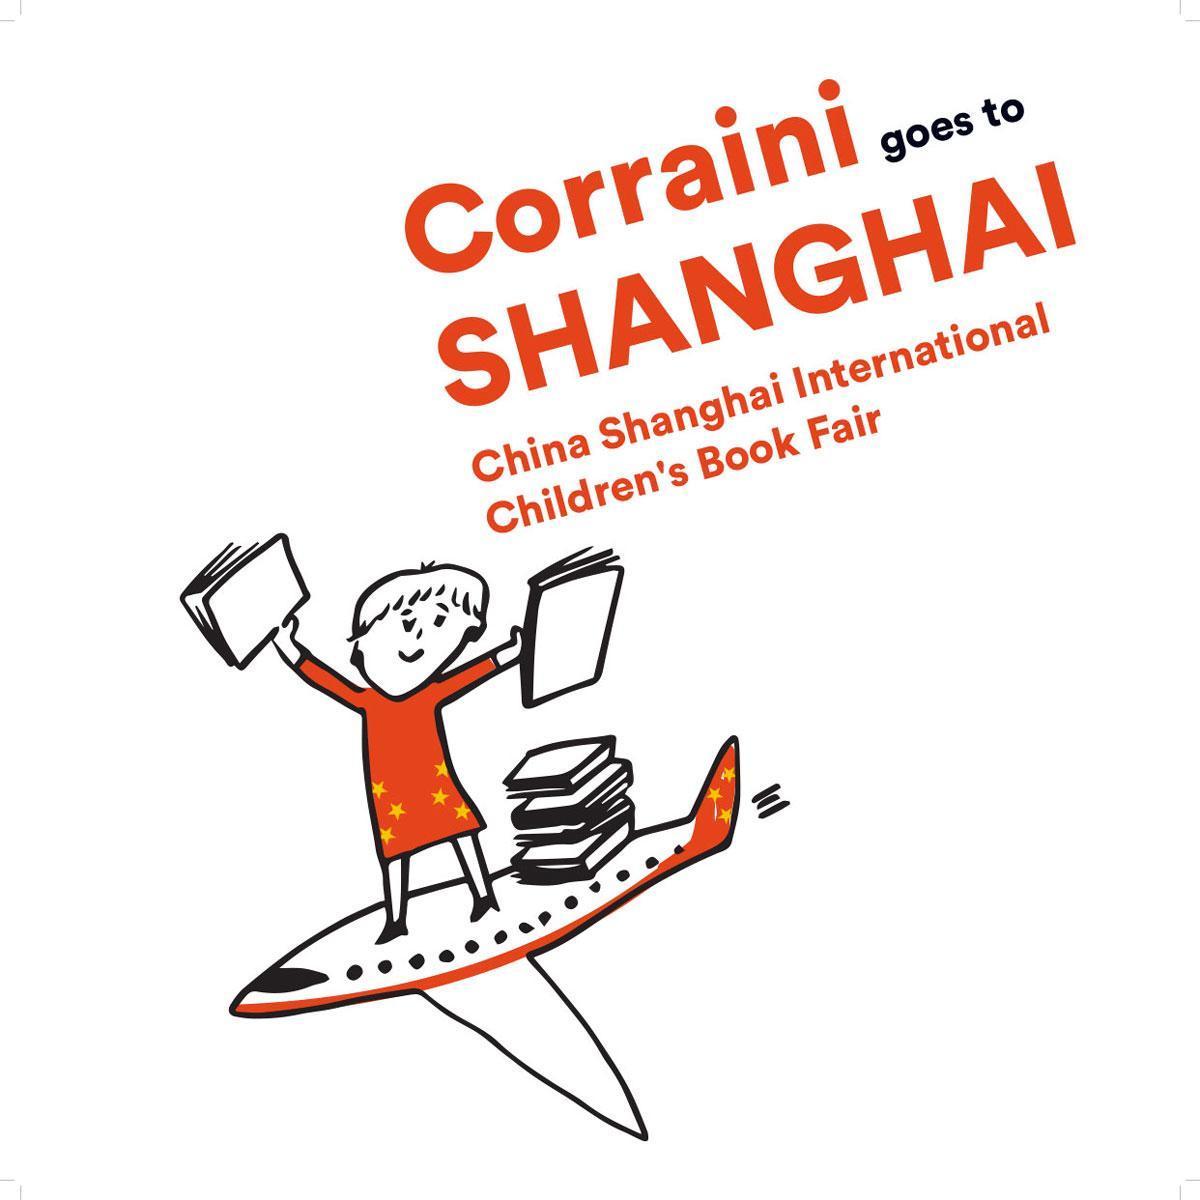 Corraini alla China Shanghai International Children's Book Fair